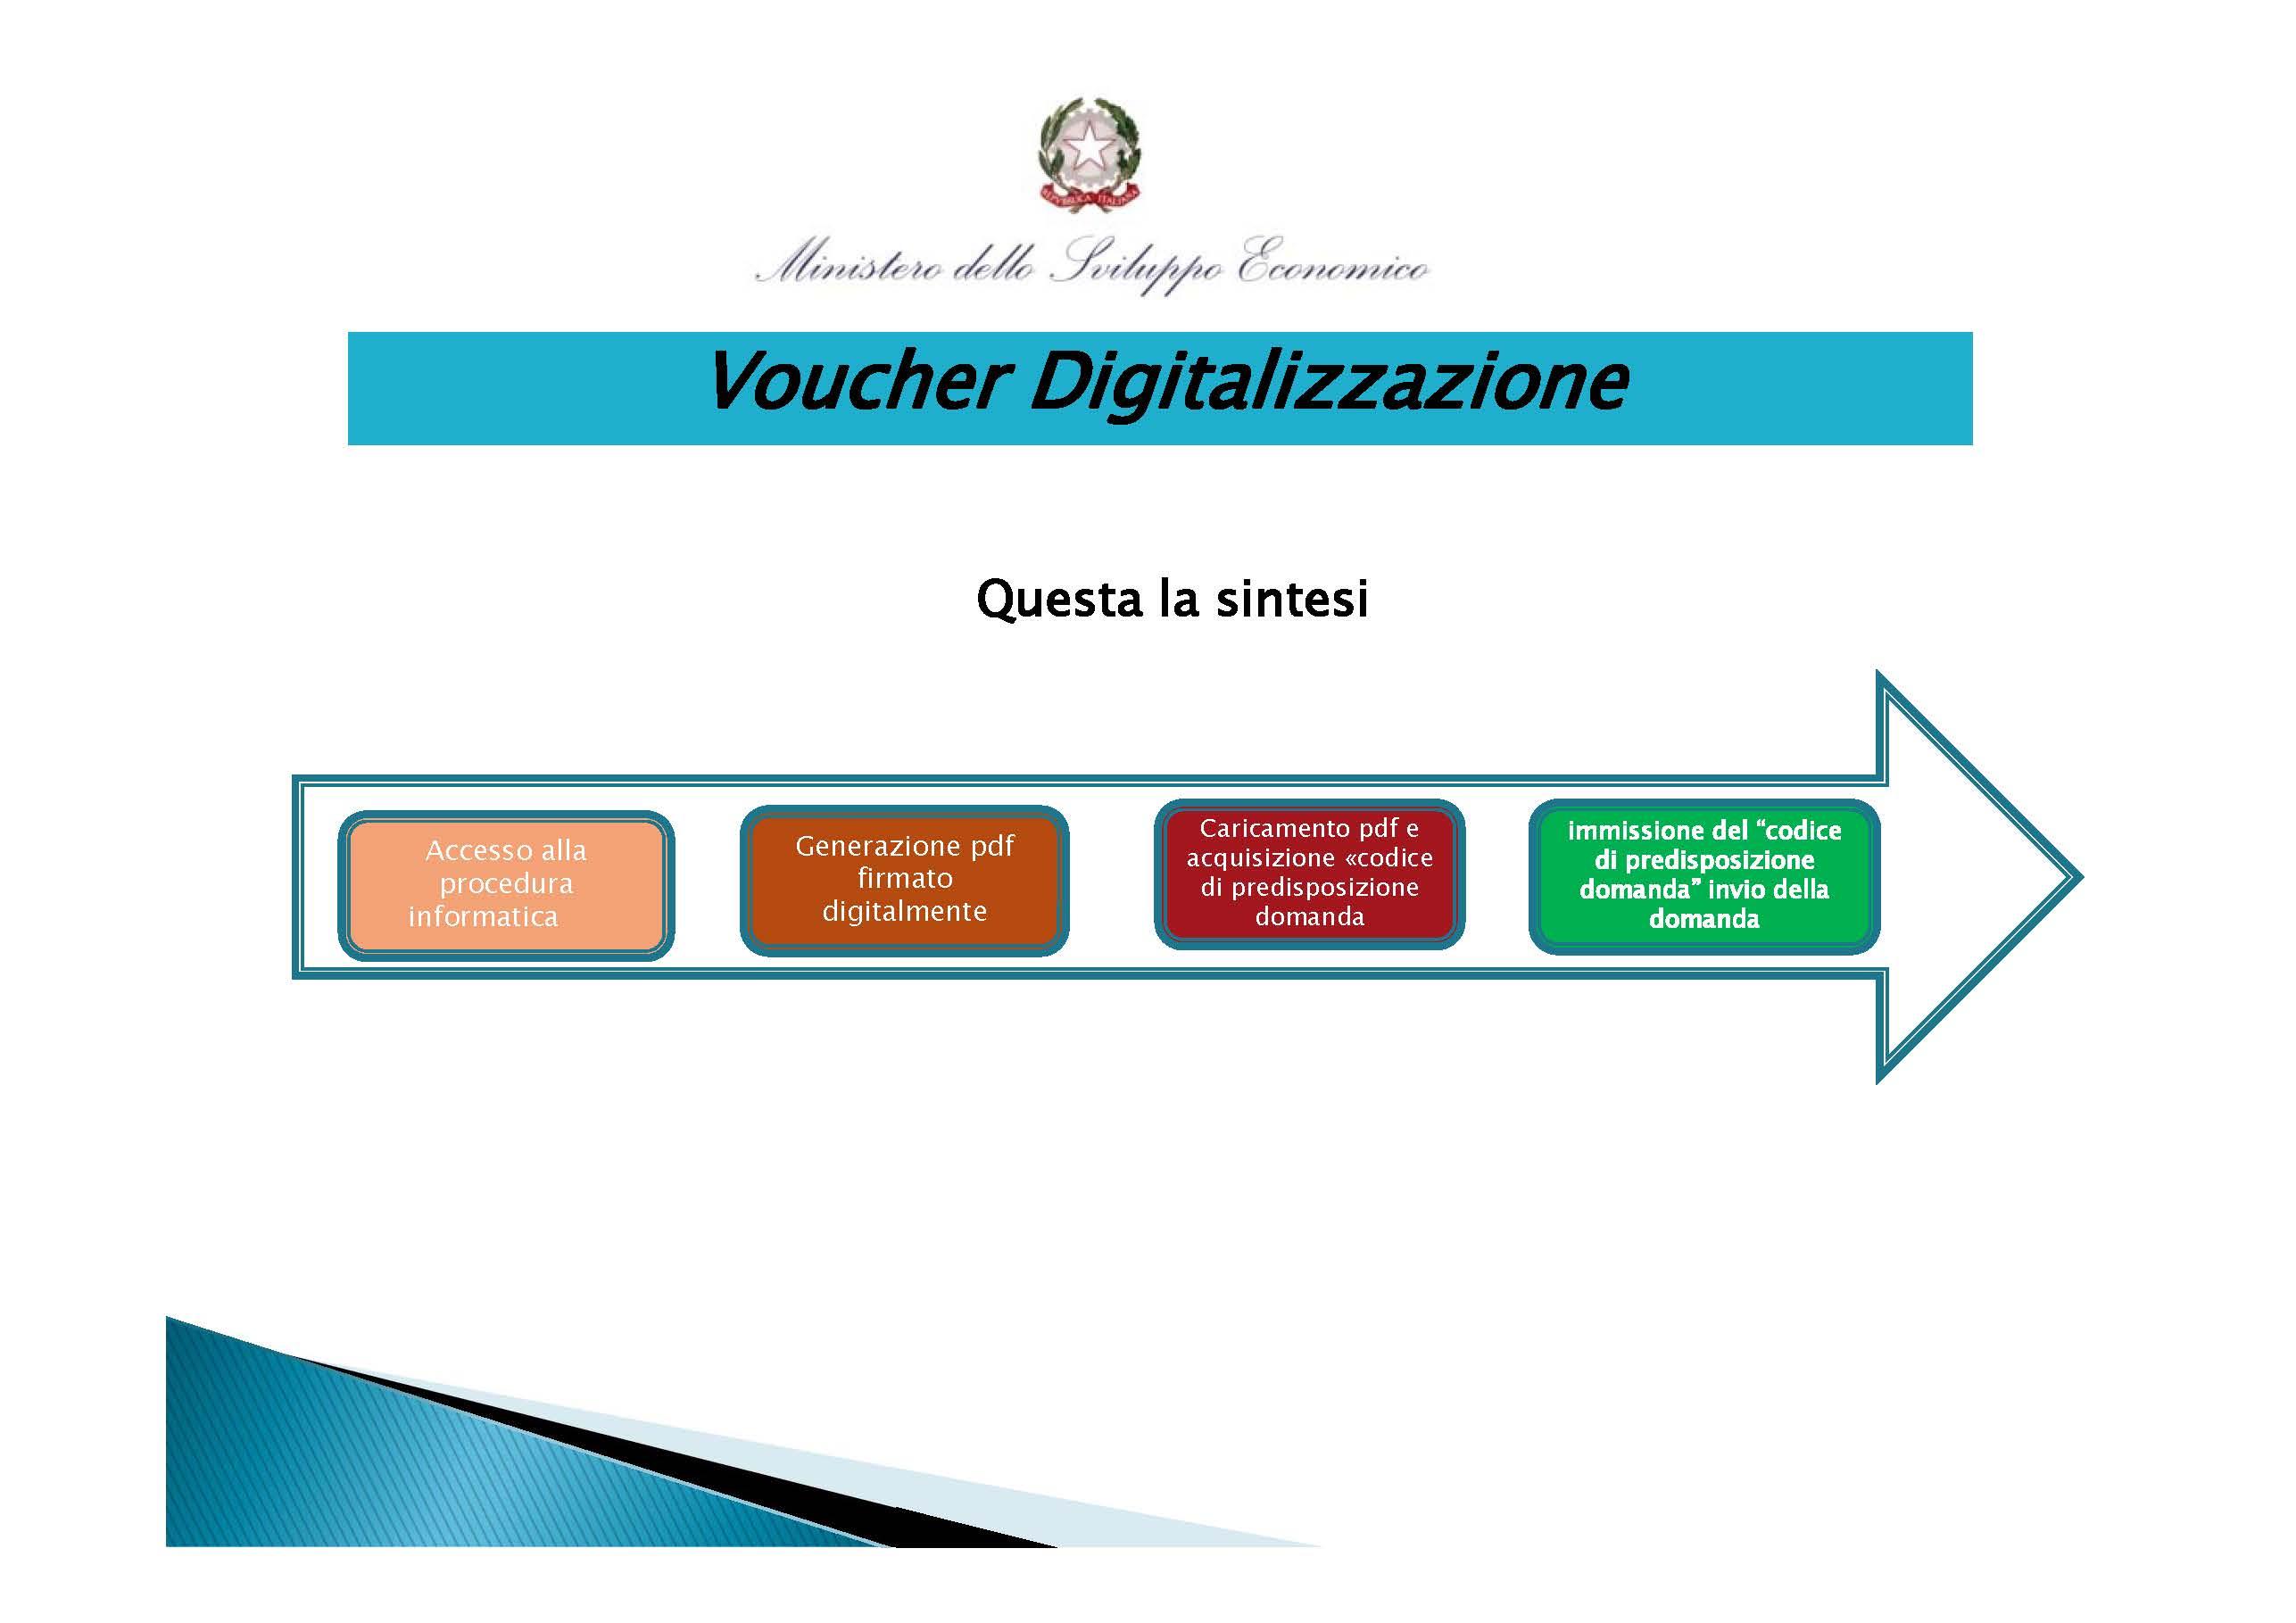 voucher-digitalizzazione-slide-bandoni_pagina_17